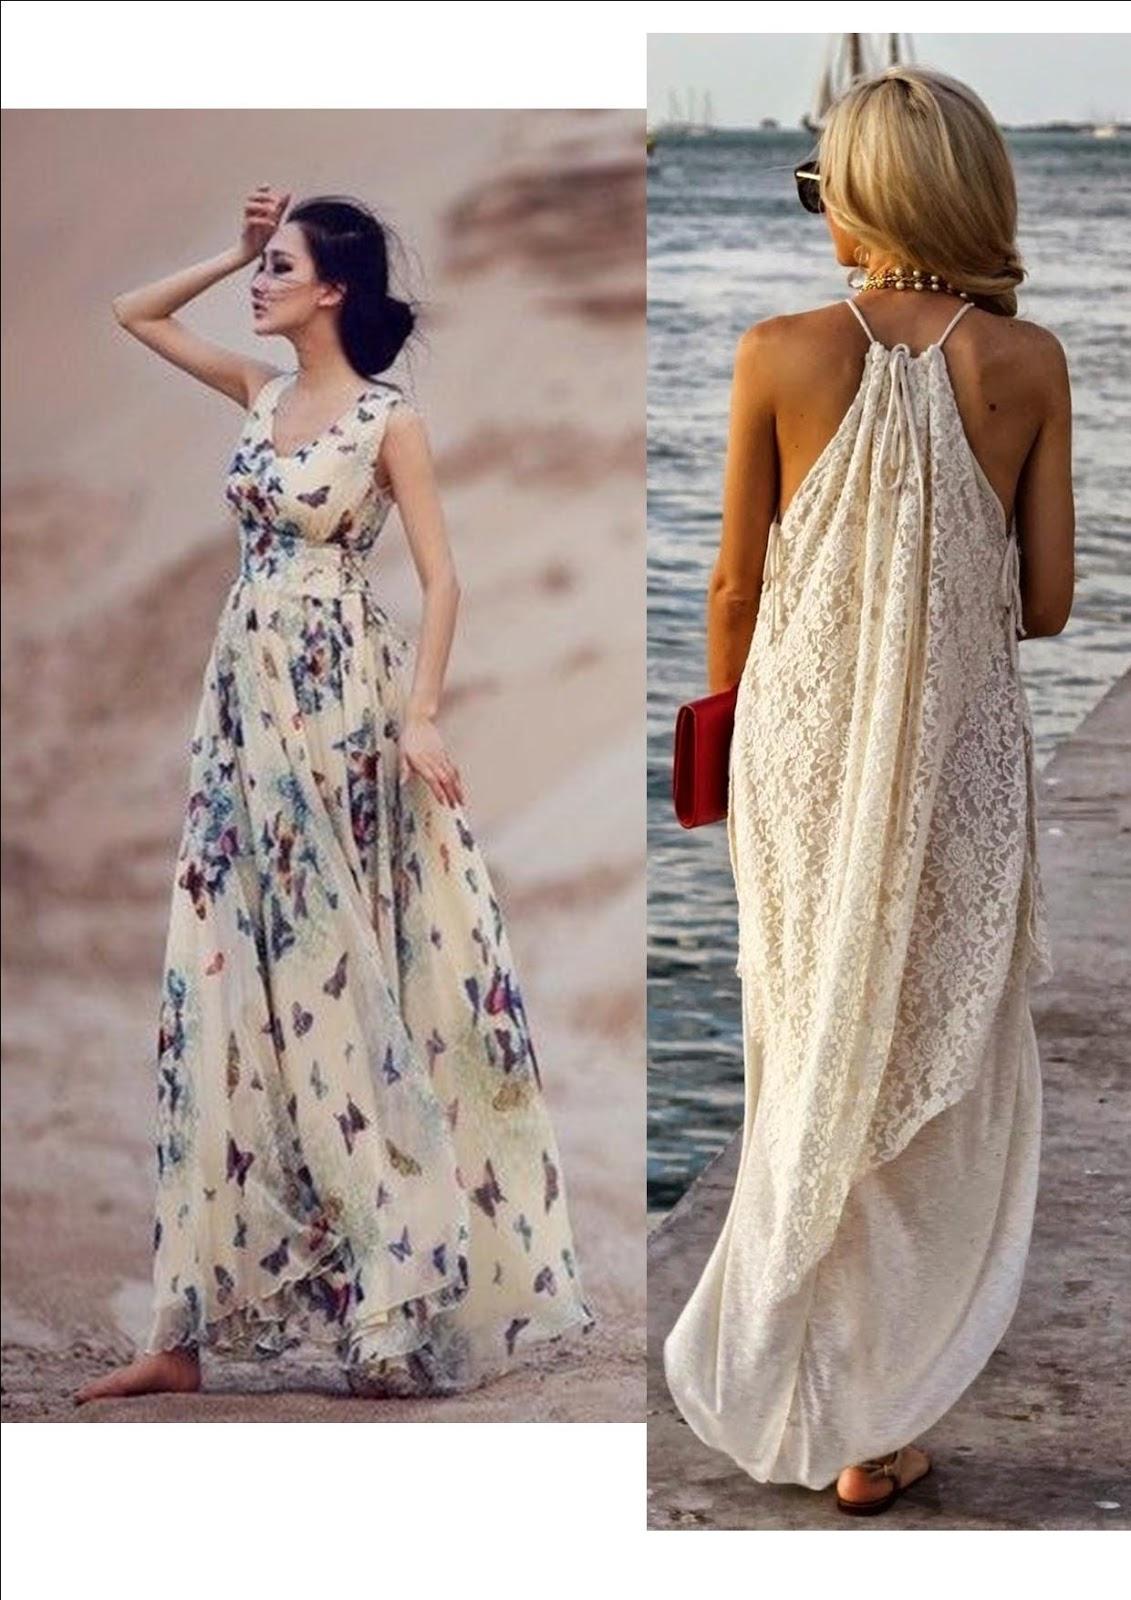 wholesale dealer f9da8 8e368 Maison Coco: Sono stata invitata ad un matrimonio... il look ...